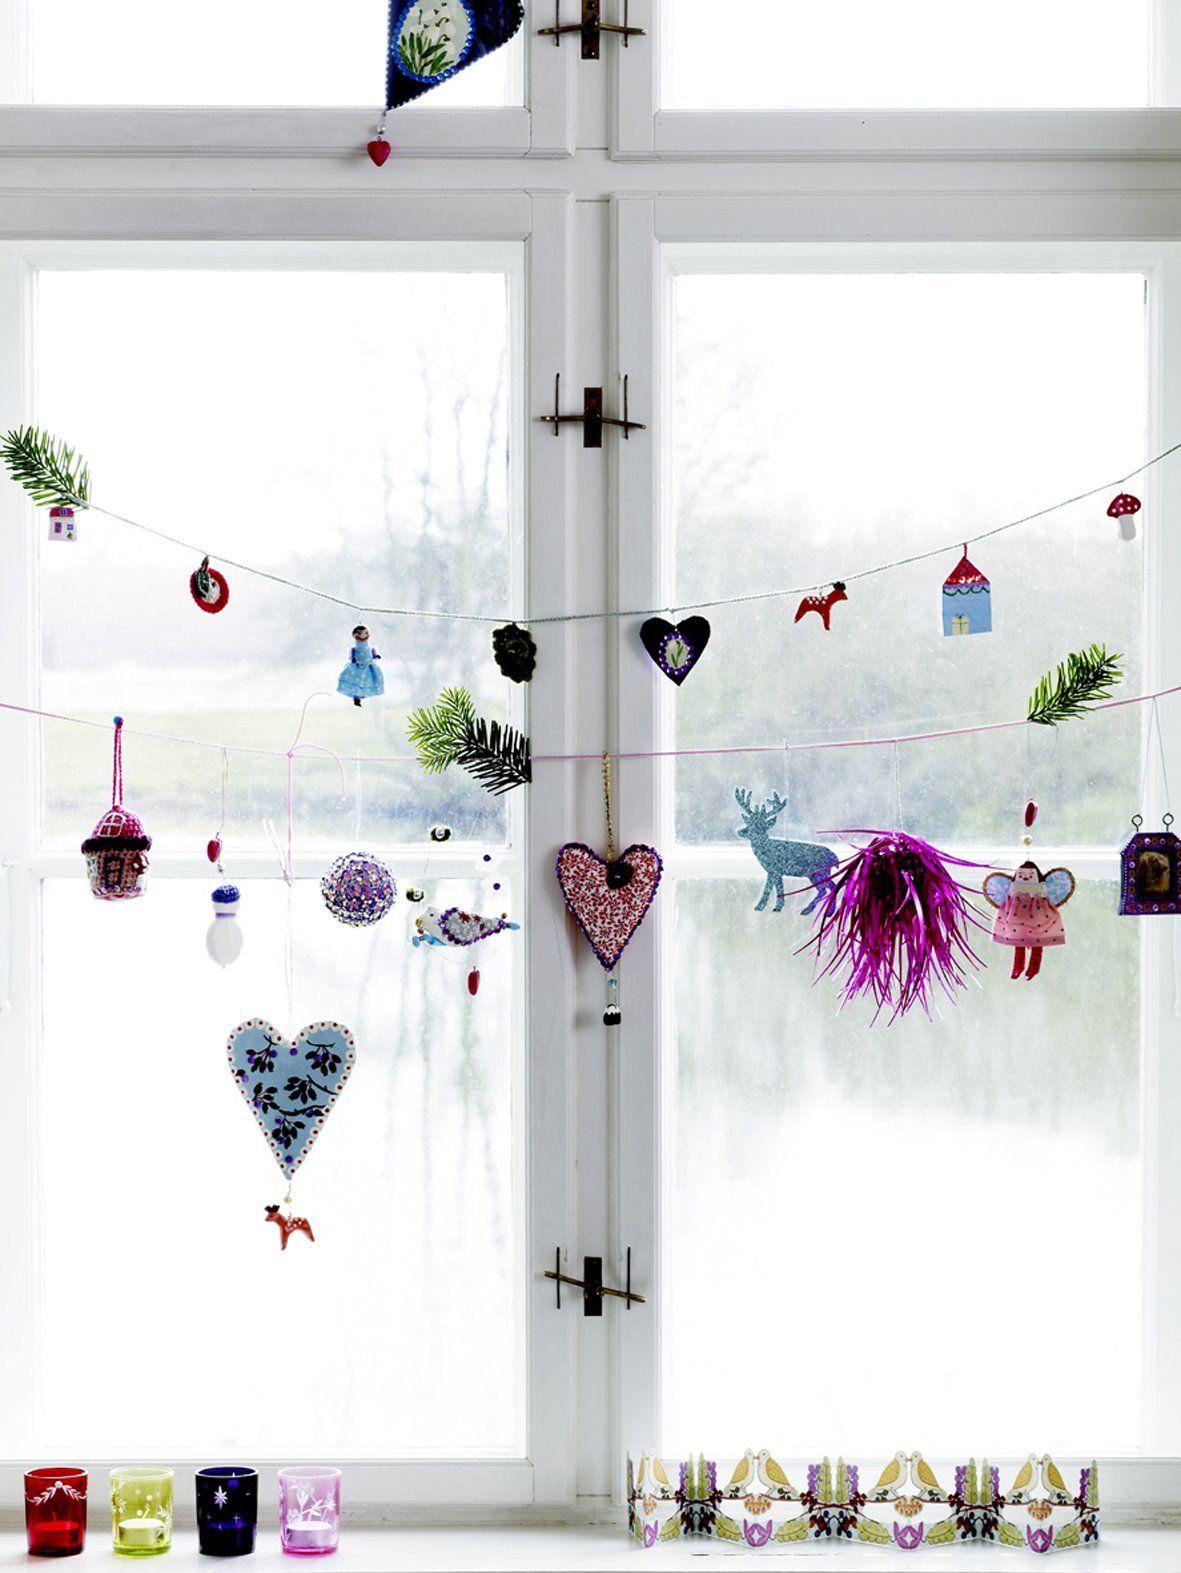 Окно, украшенное новогодней гирляндой